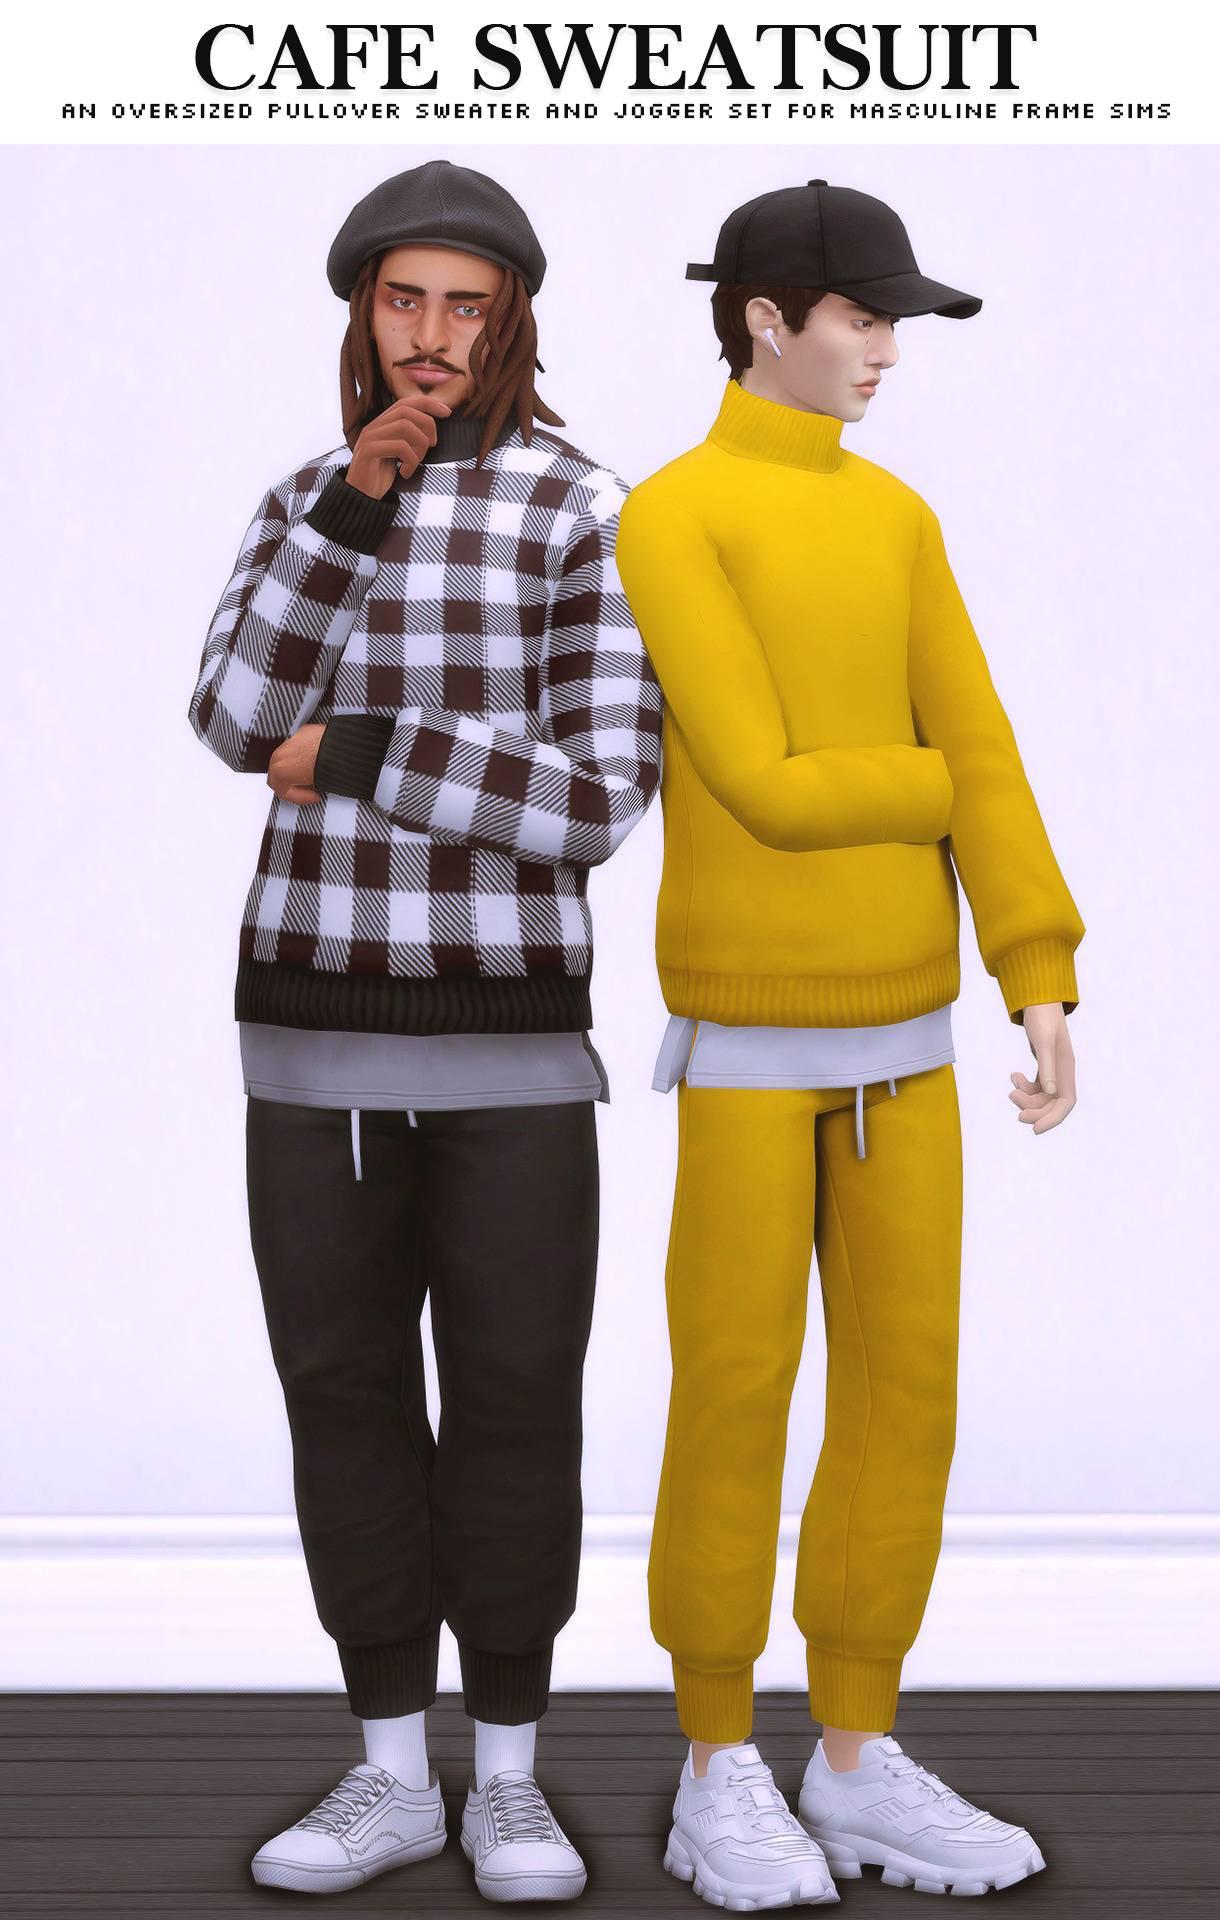 Пуловер и джоггеры - Cafe Sweatsuit